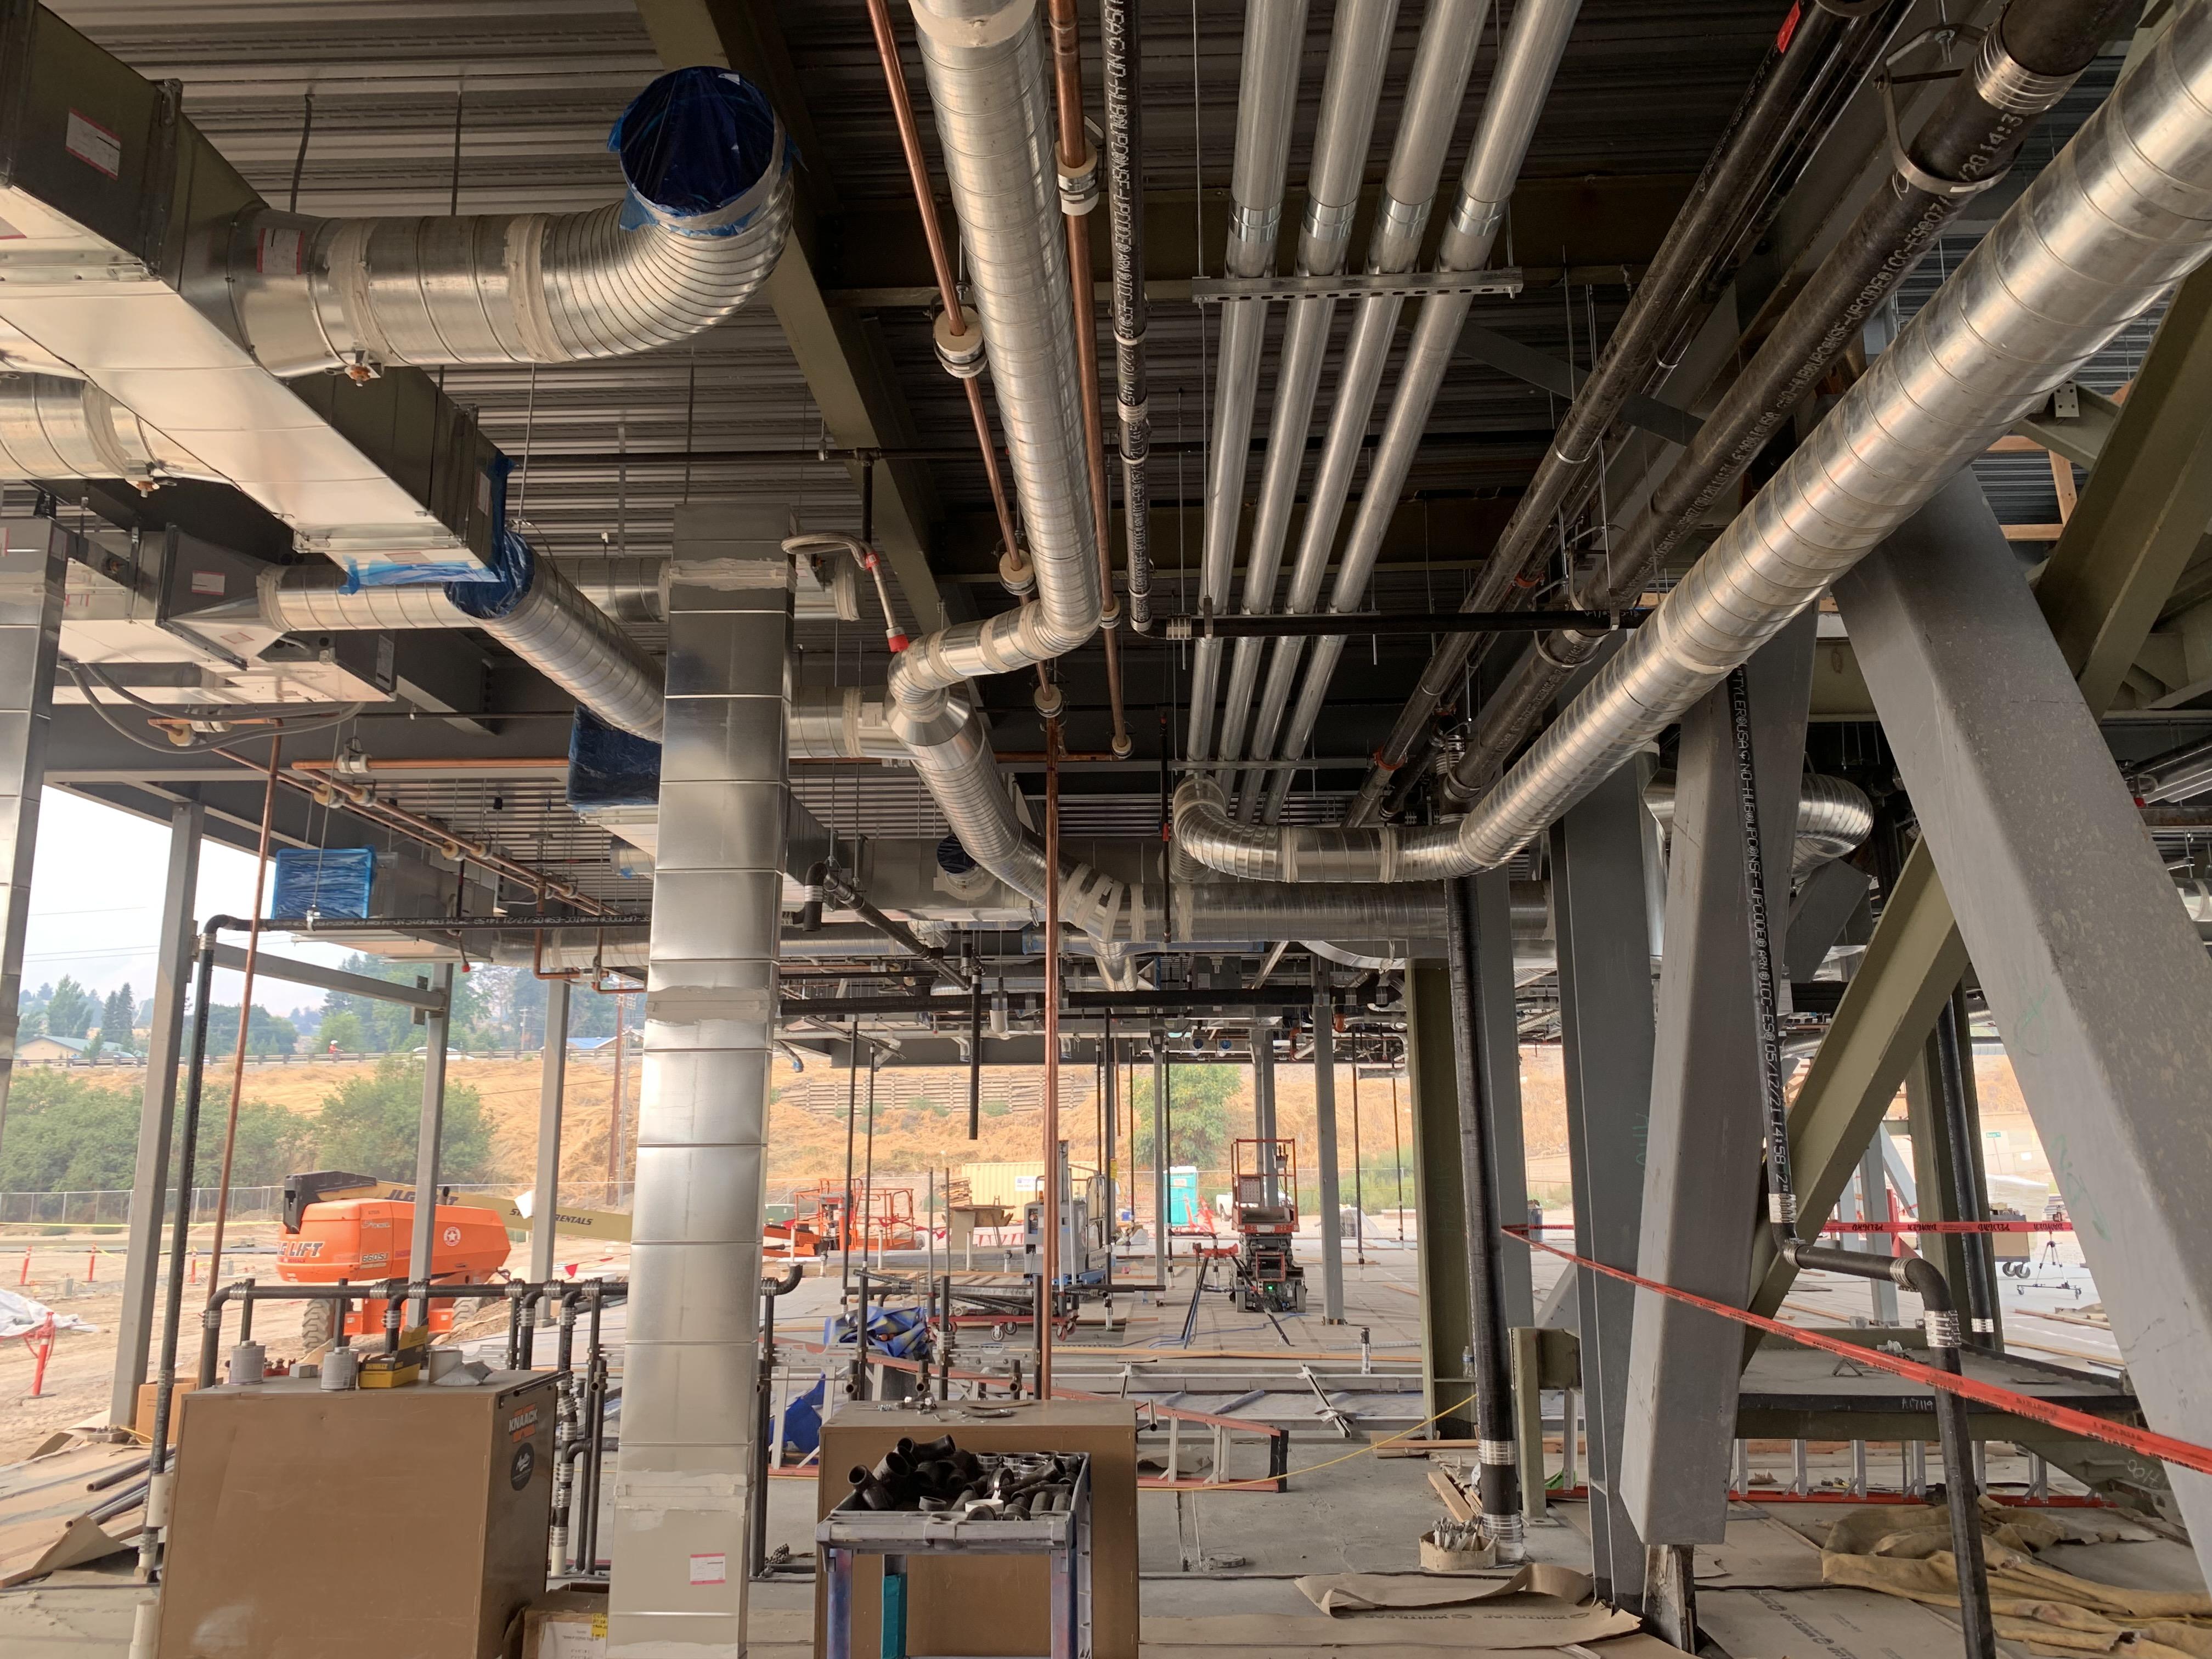 image of Service Center overhead conduit